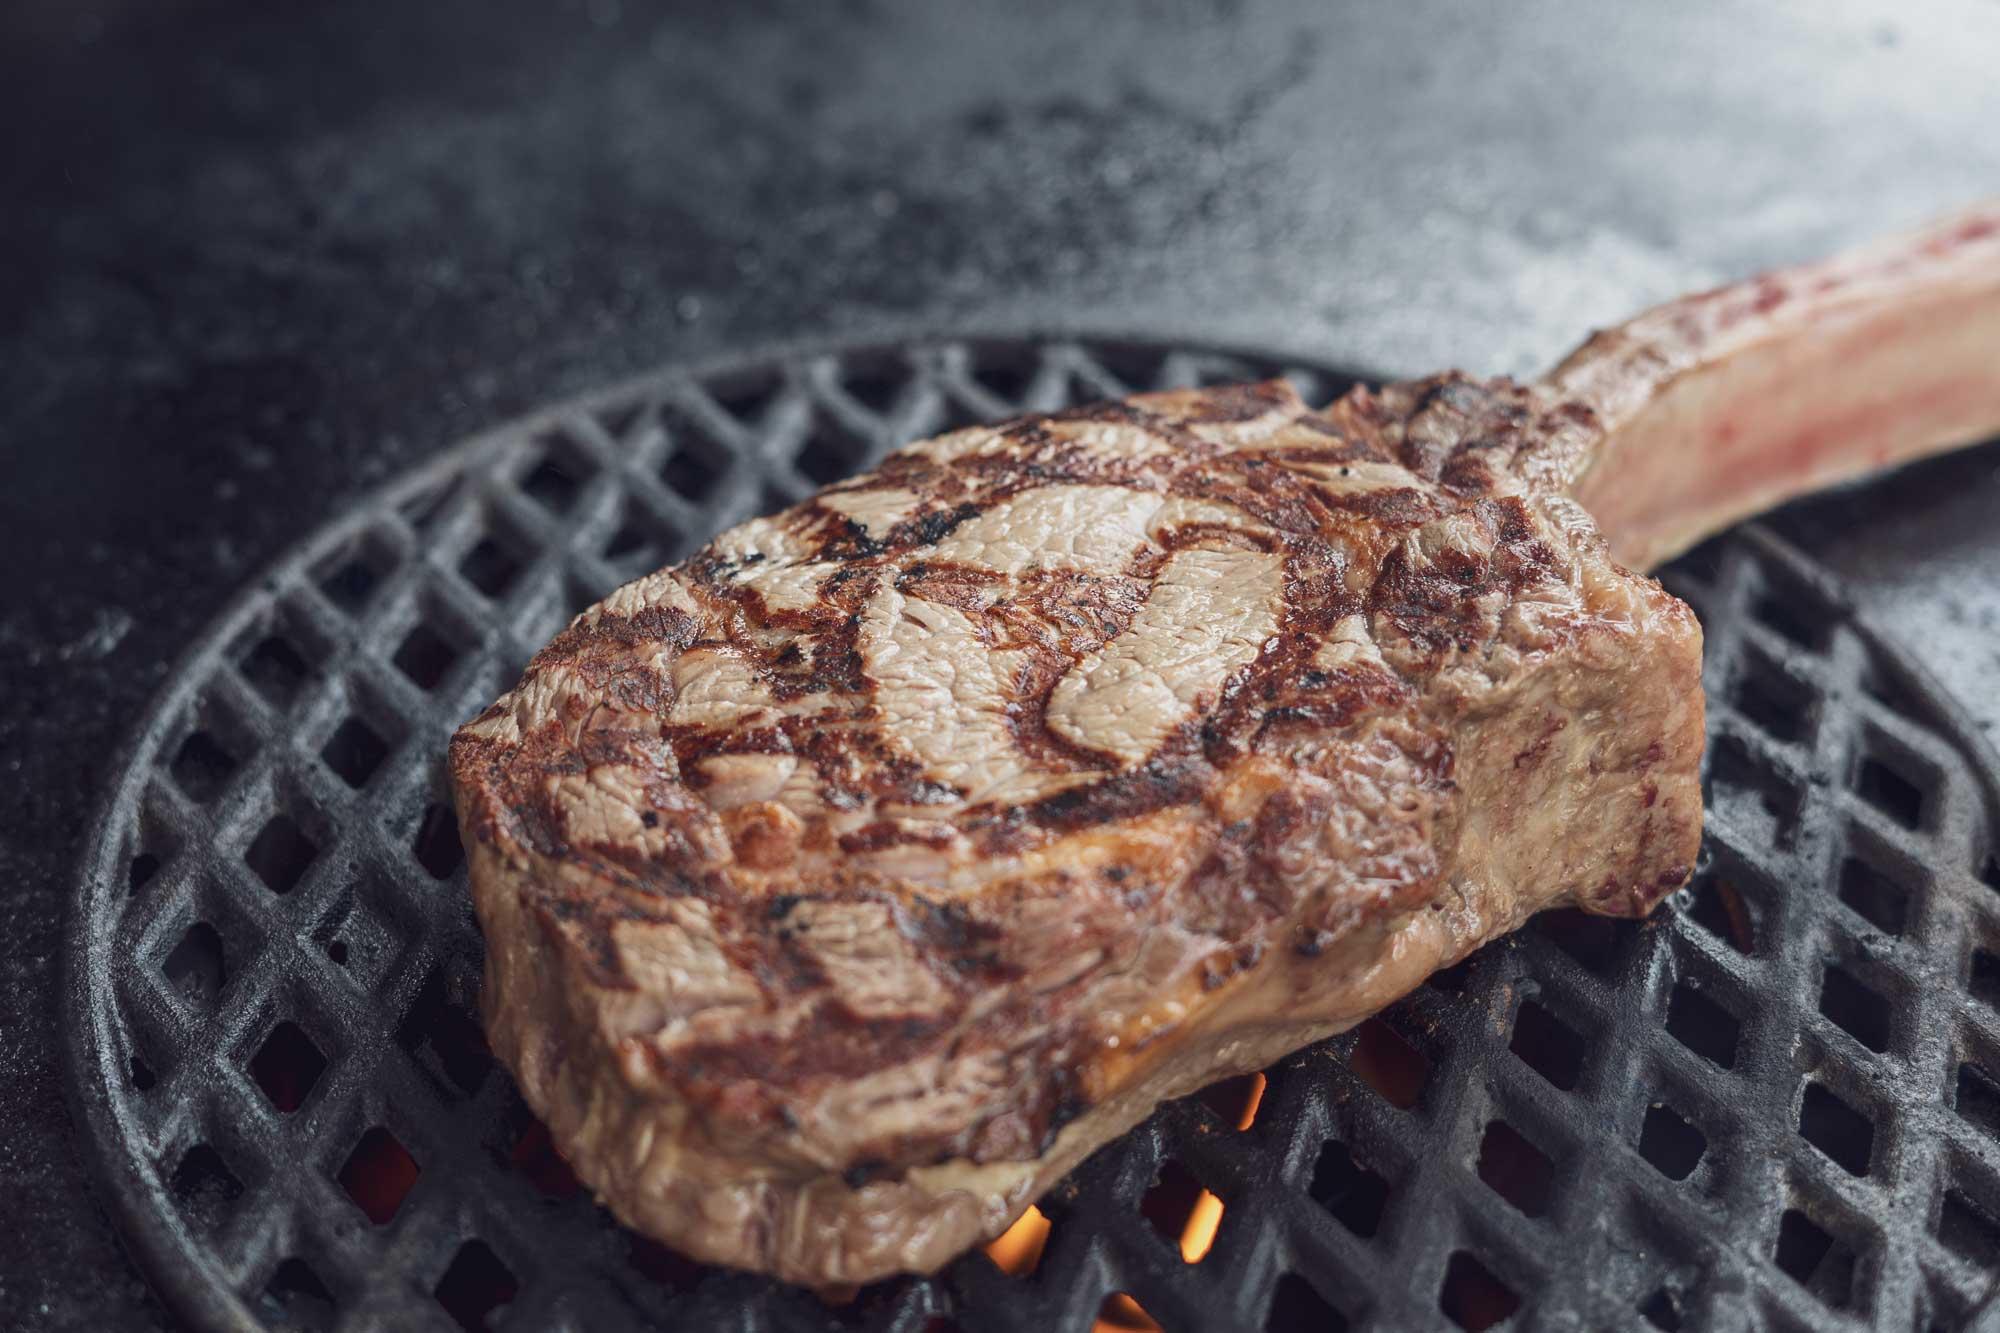 Fleisch online kaufen – das musst du beachten